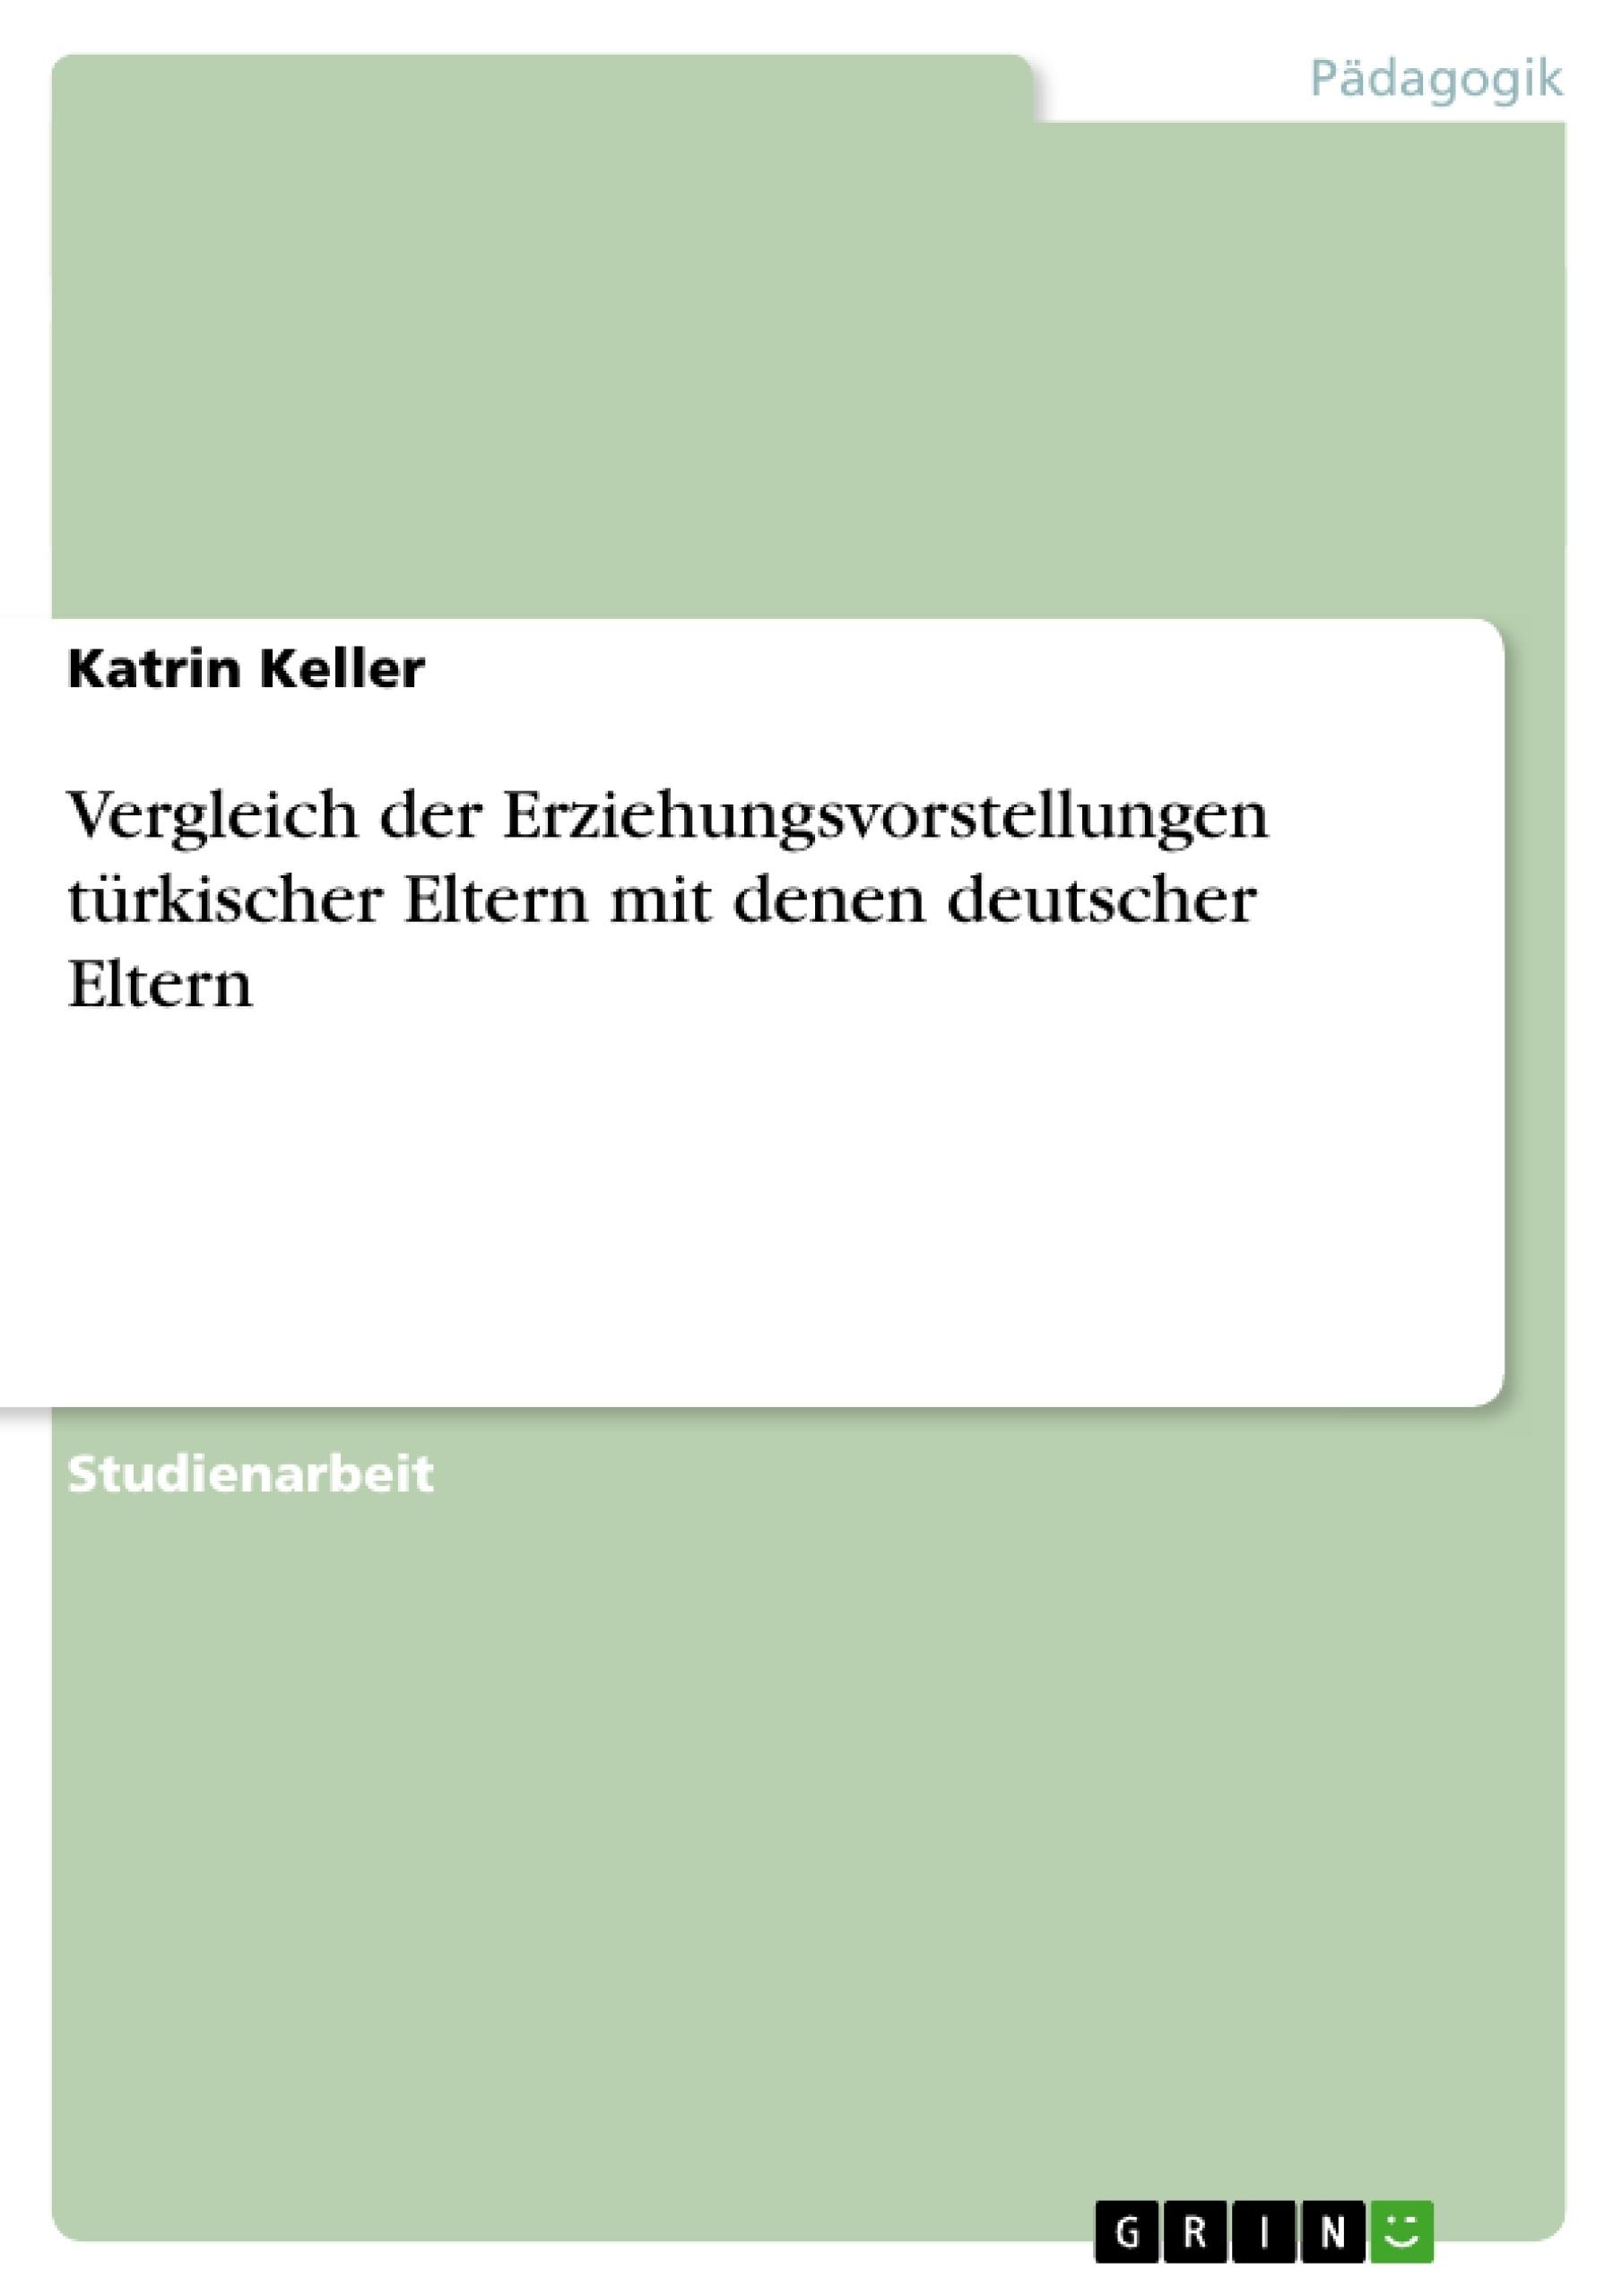 Titel: Vergleich der Erziehungsvorstellungen türkischer Eltern mit denen deutscher Eltern